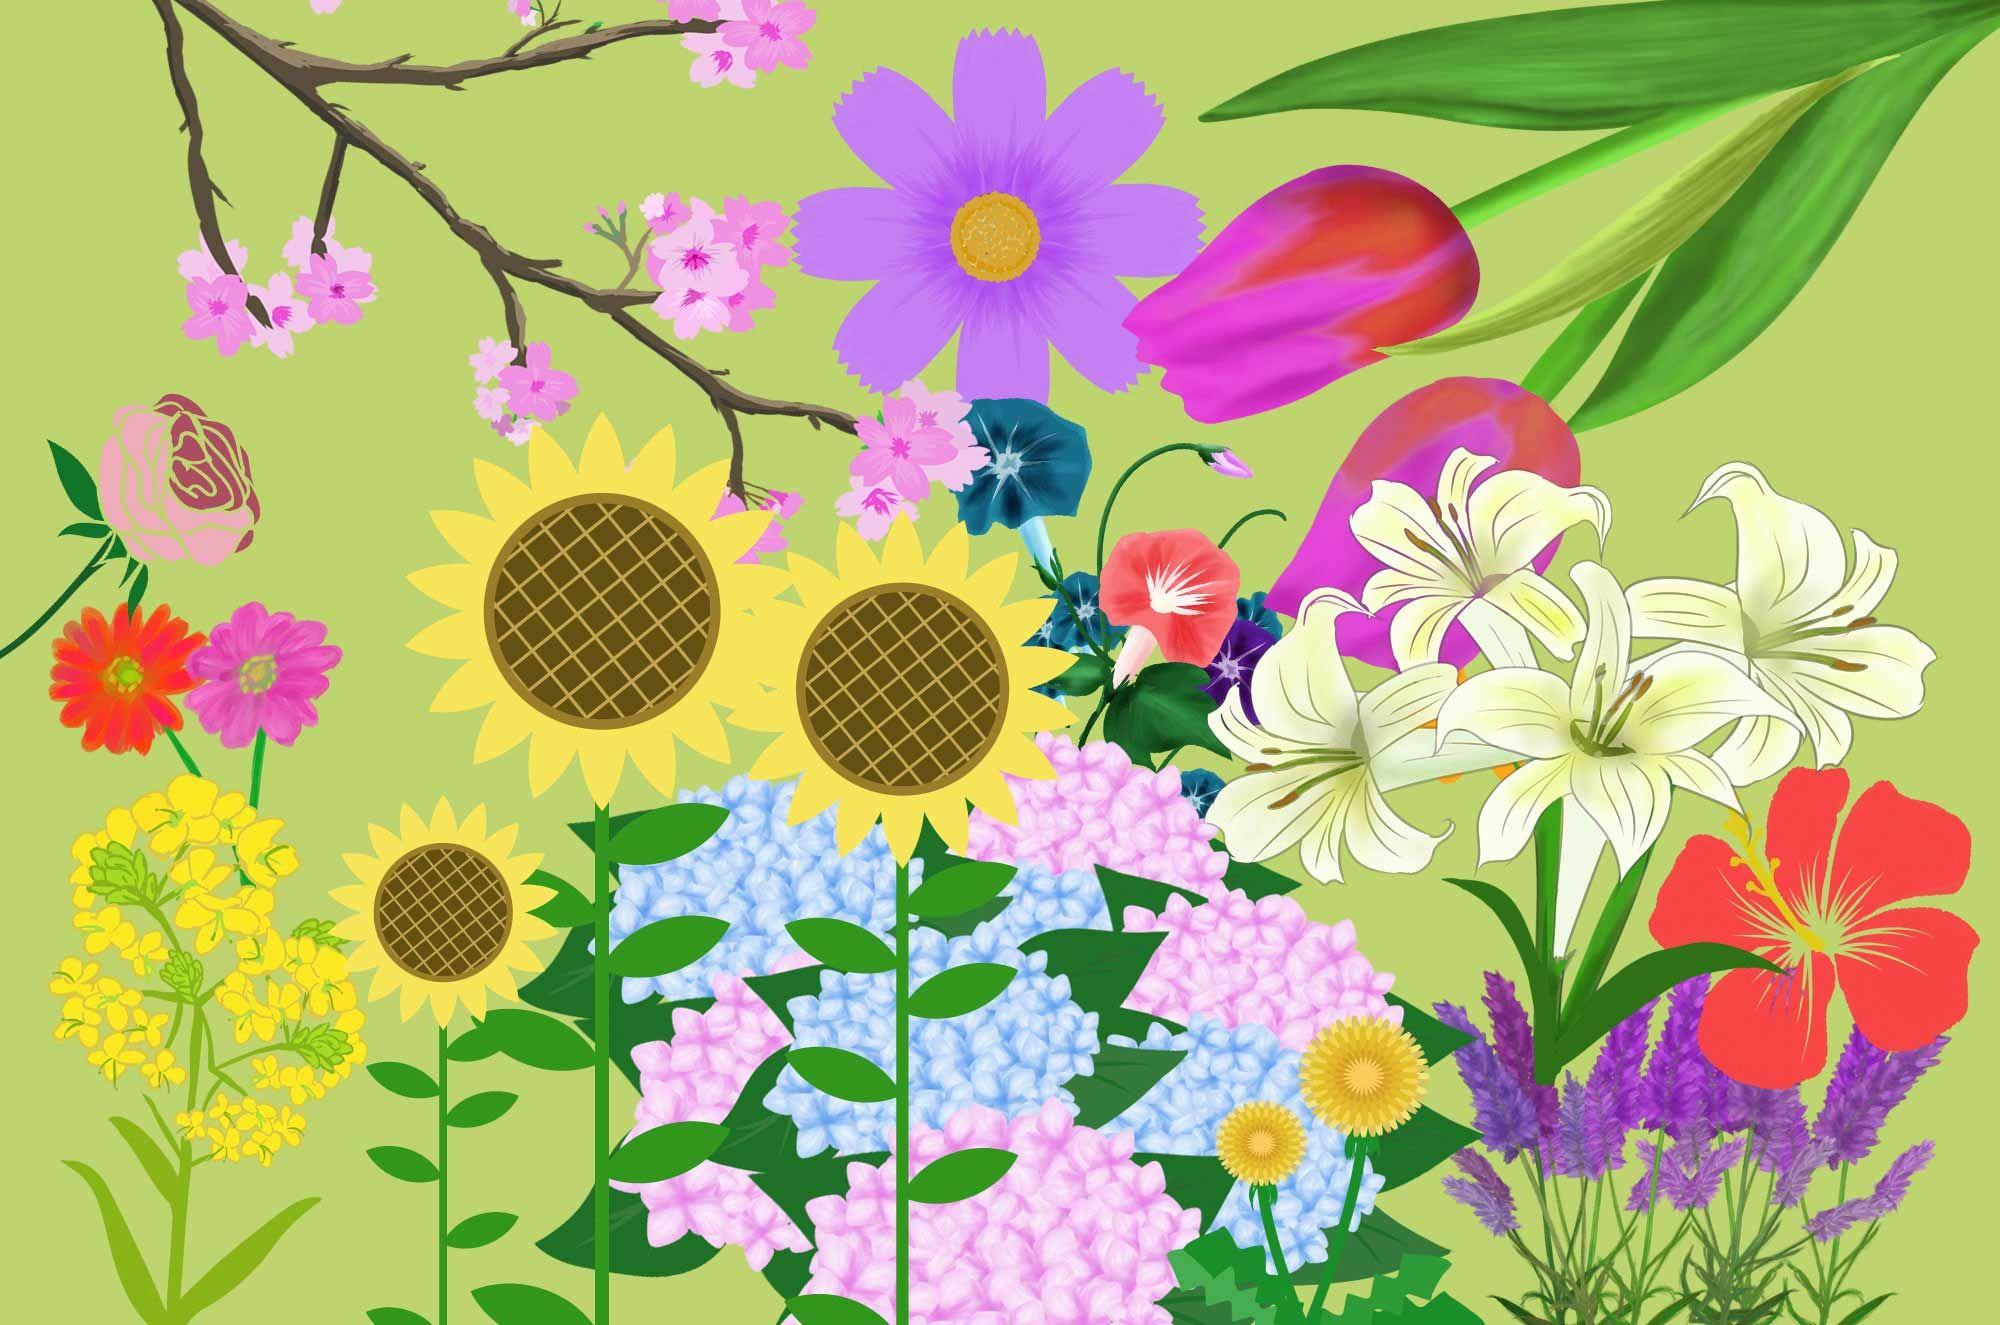 花イラストまとめチコデザの花のイラスト総結集ひまわりあじさい